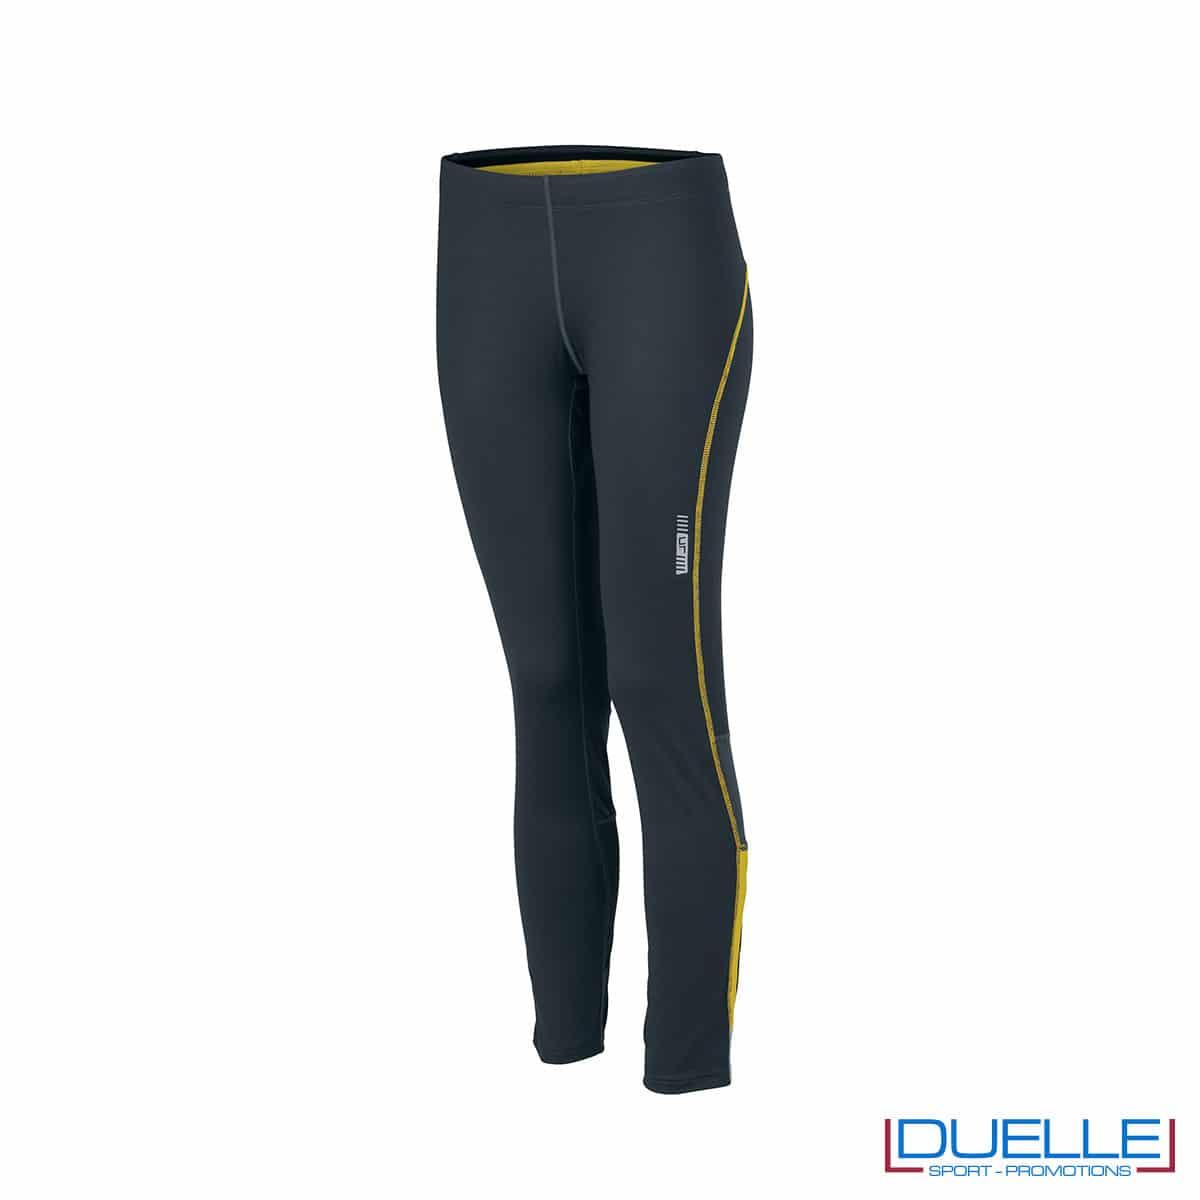 Pantaloni corsa donna antracite/giallo personalizzati